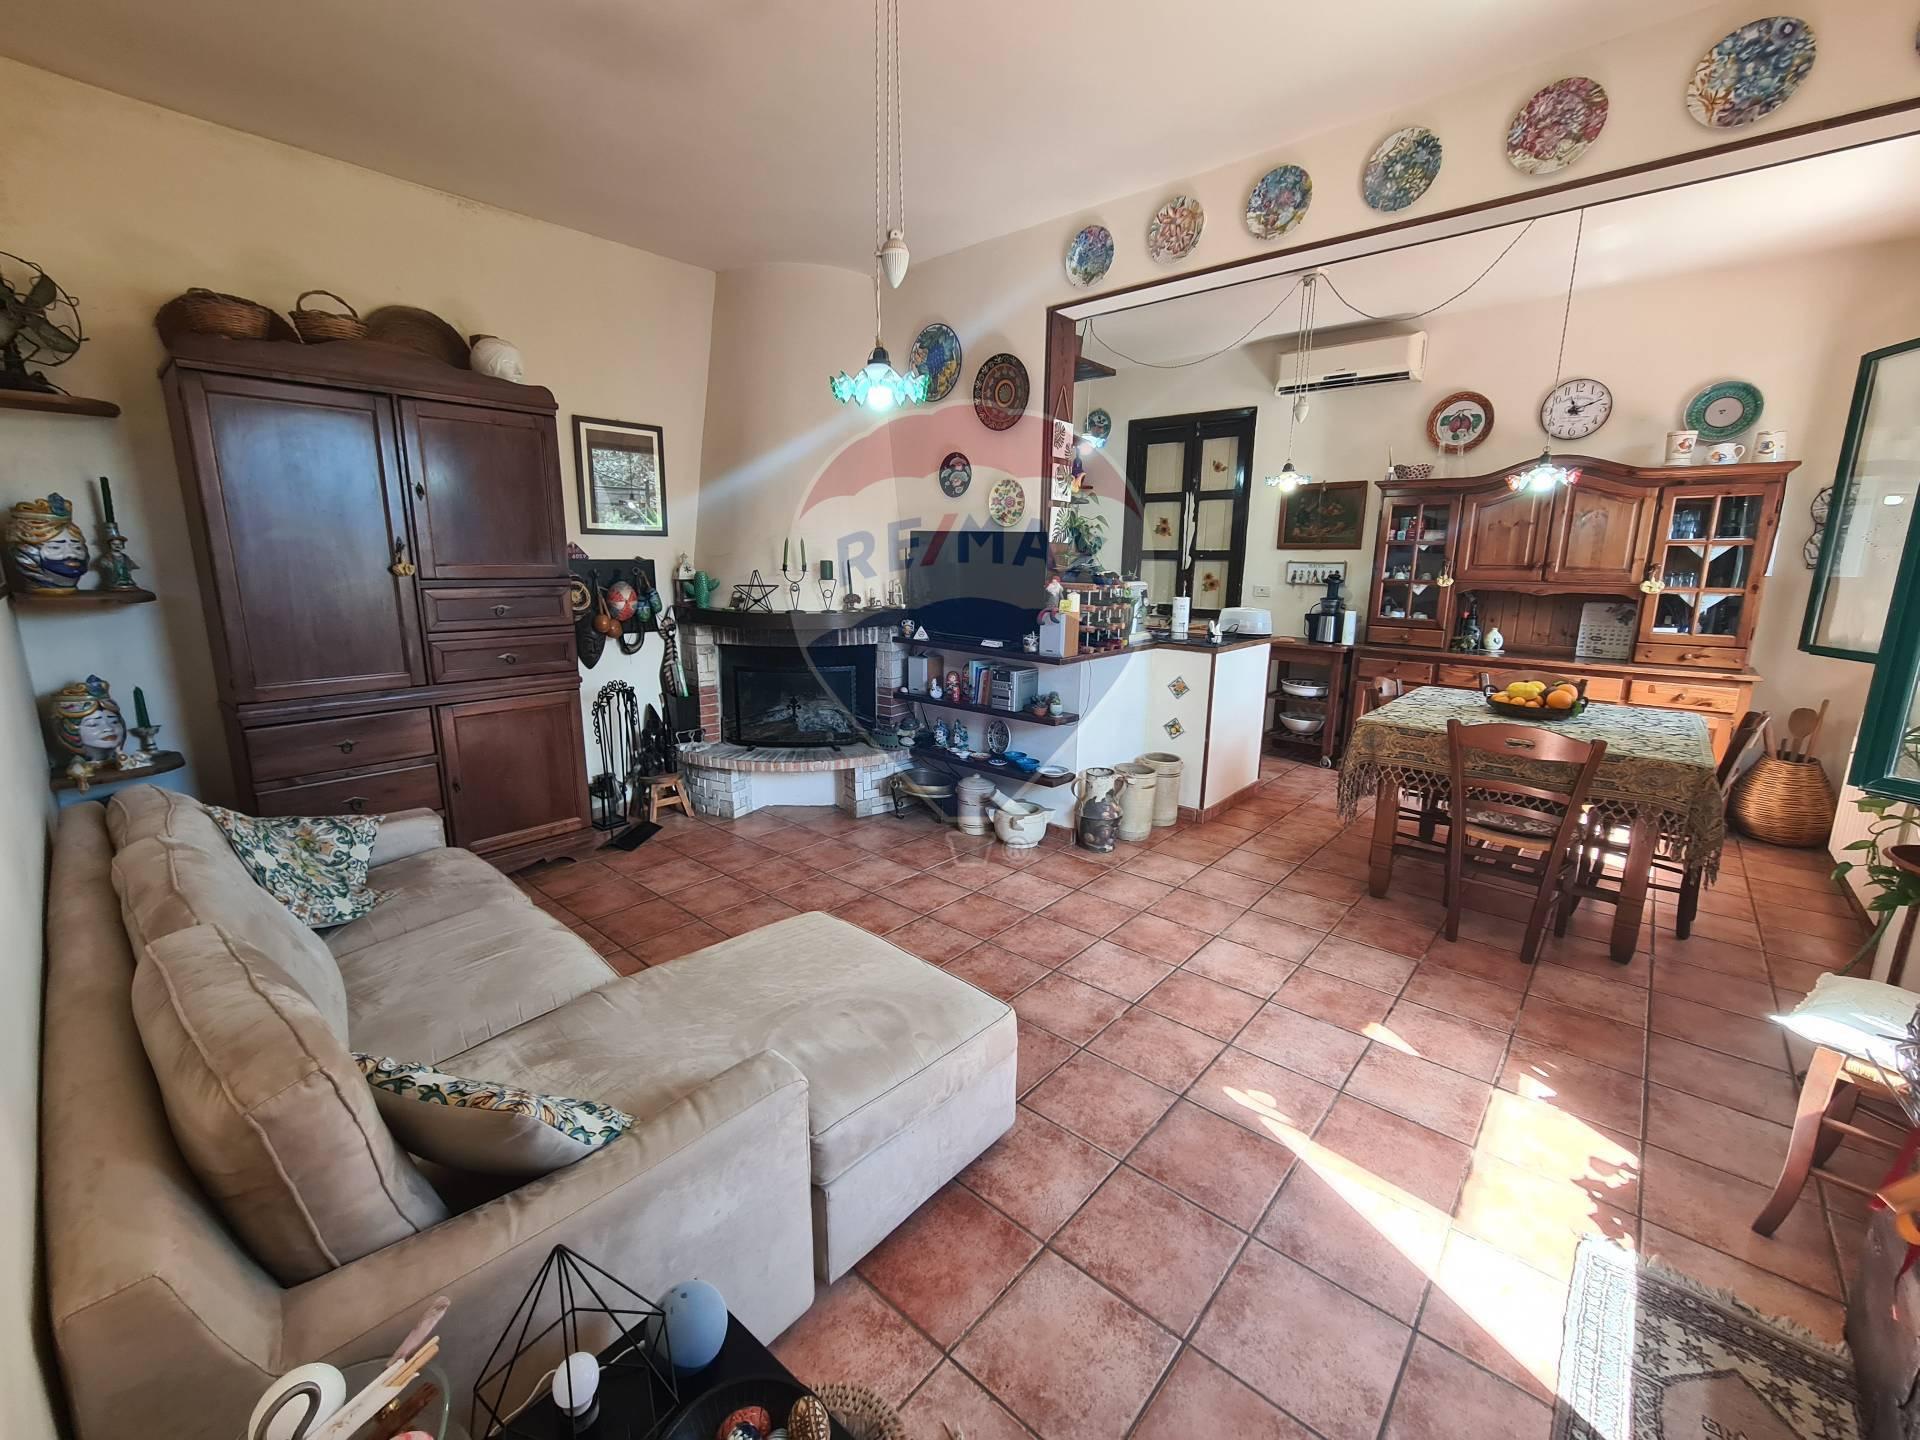 Rustico / Casale in vendita a Chiaramonte Gulfi, 7 locali, zona Zona: Roccazzo, prezzo € 210.000 | CambioCasa.it